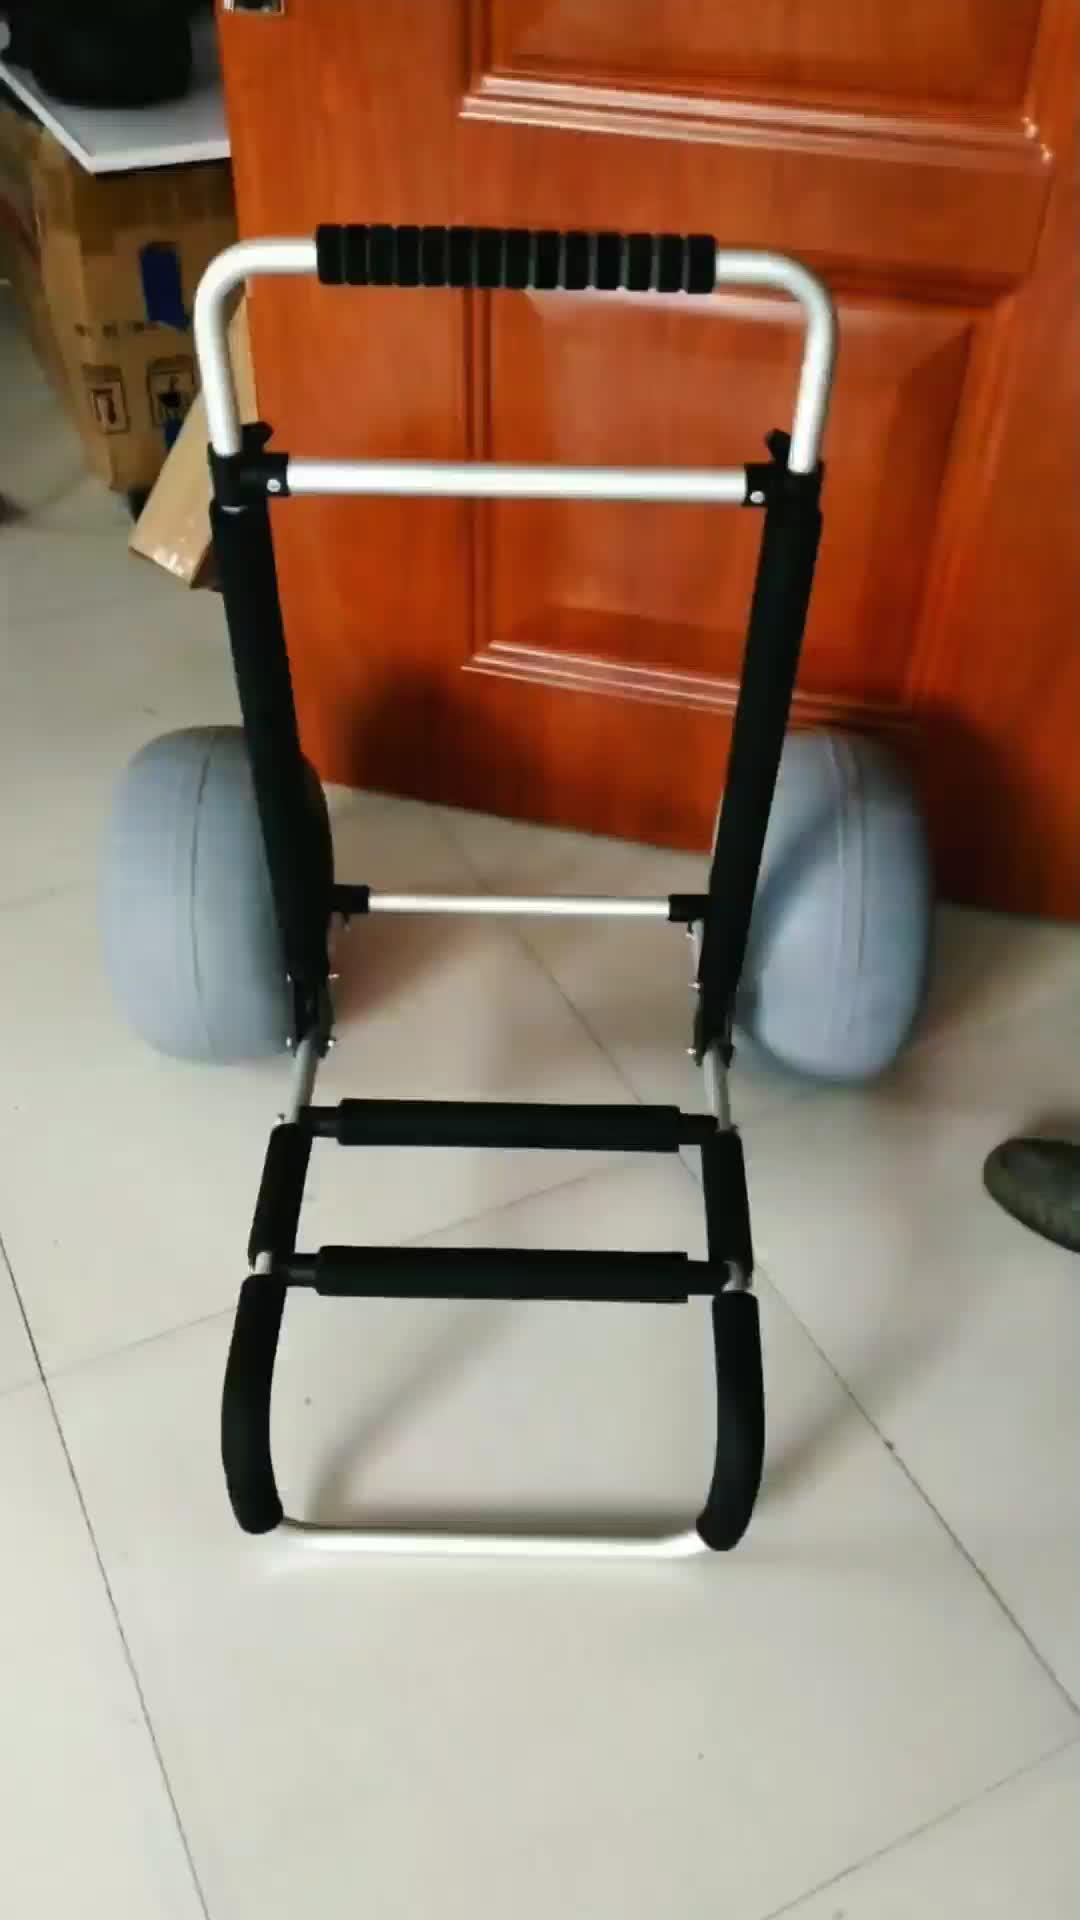 YONK nuevas herramientas de uso y plataforma estructura plegable arena carrito de mano carrito para la playa